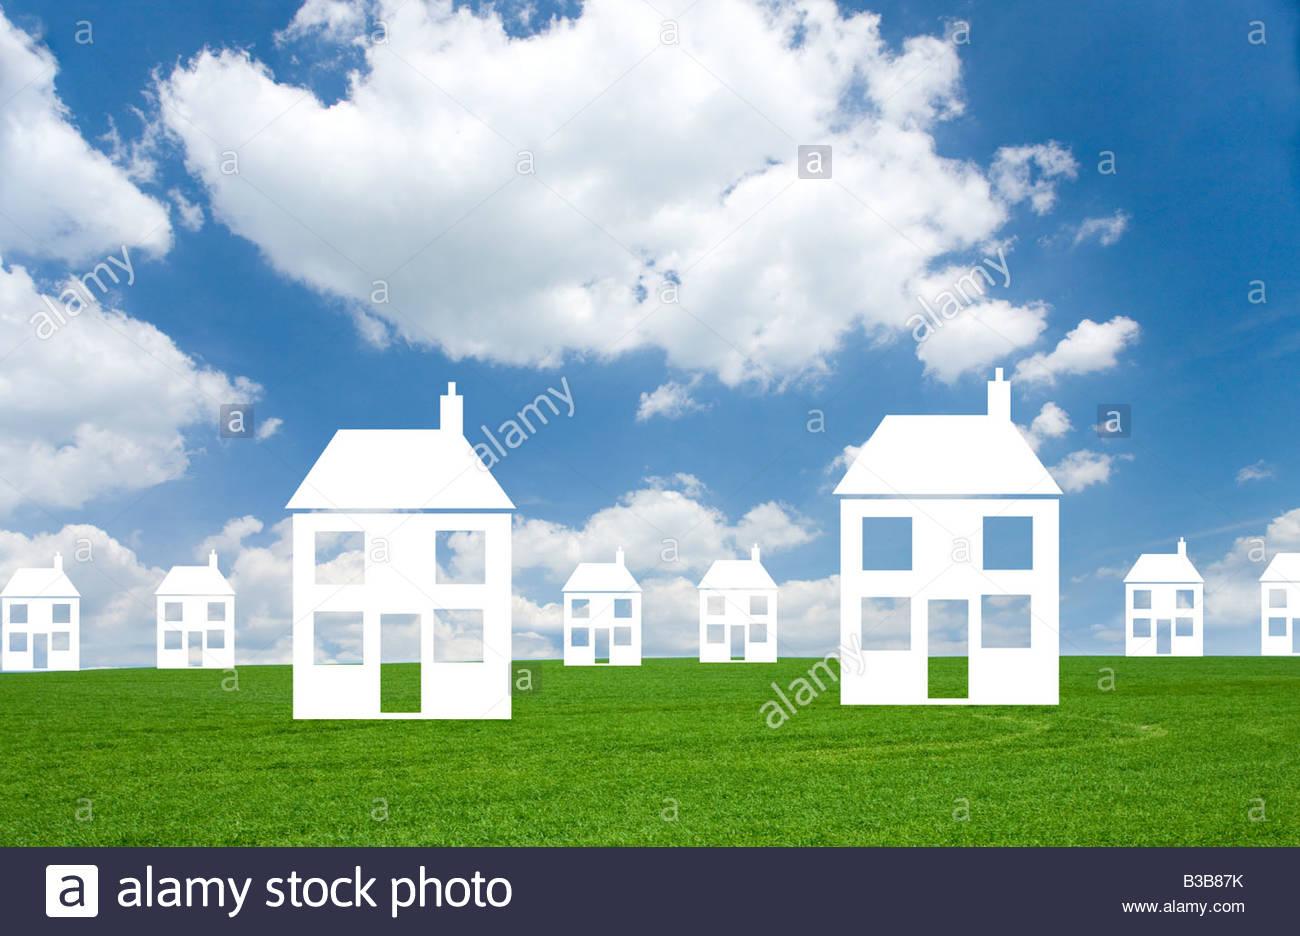 Découper des maisons dans grass field Photo Stock